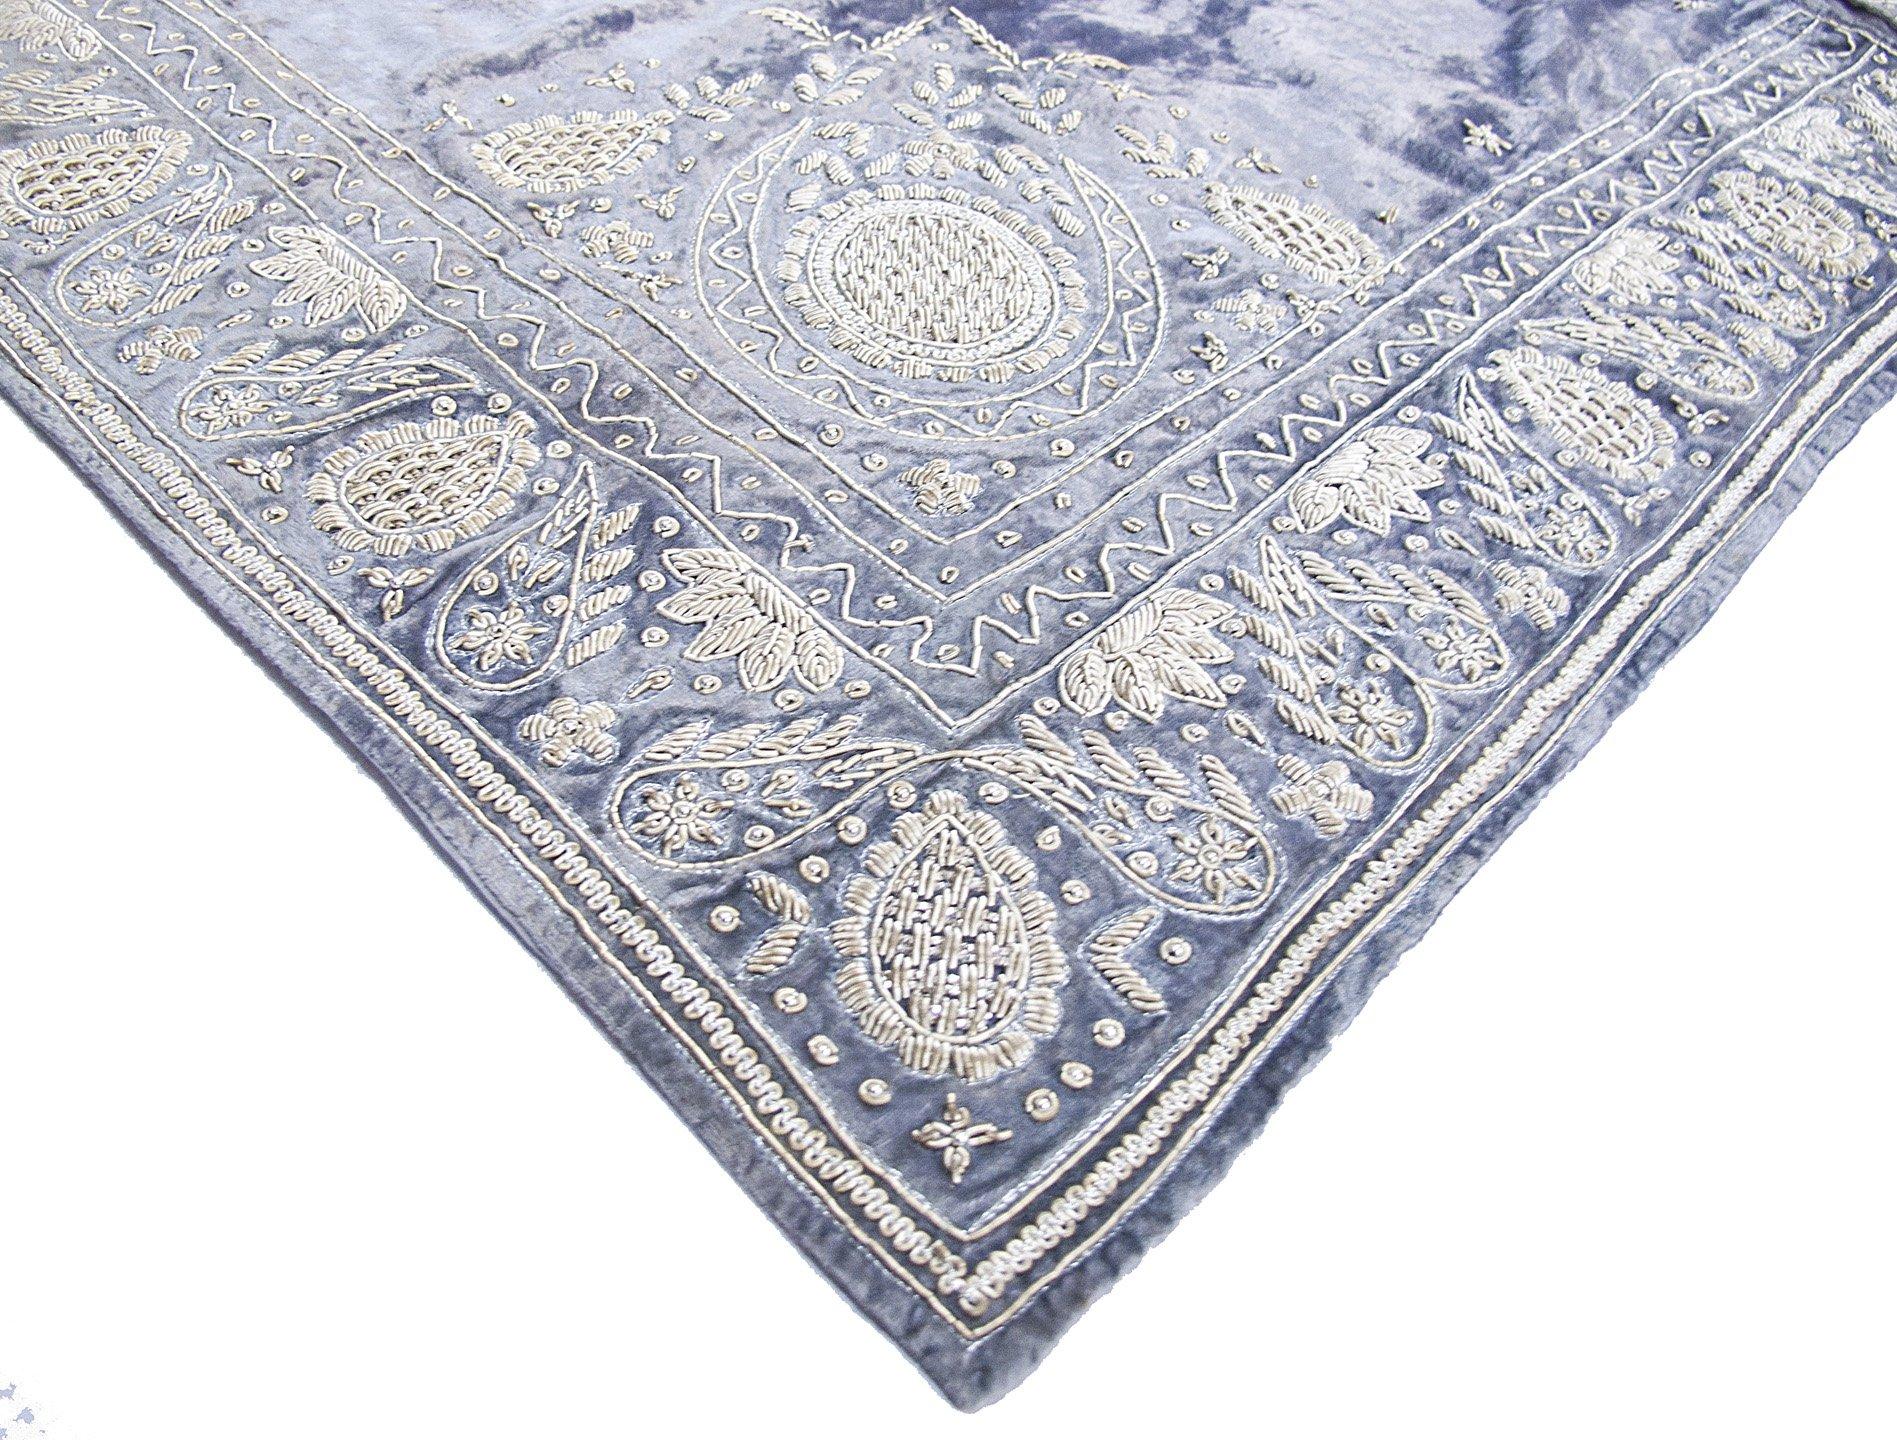 ''Rang Mahal'' Hand Embroidered Beaded Bullion Purl Velvet Christmas Tree Skirt Steel Grey Blue White Gold